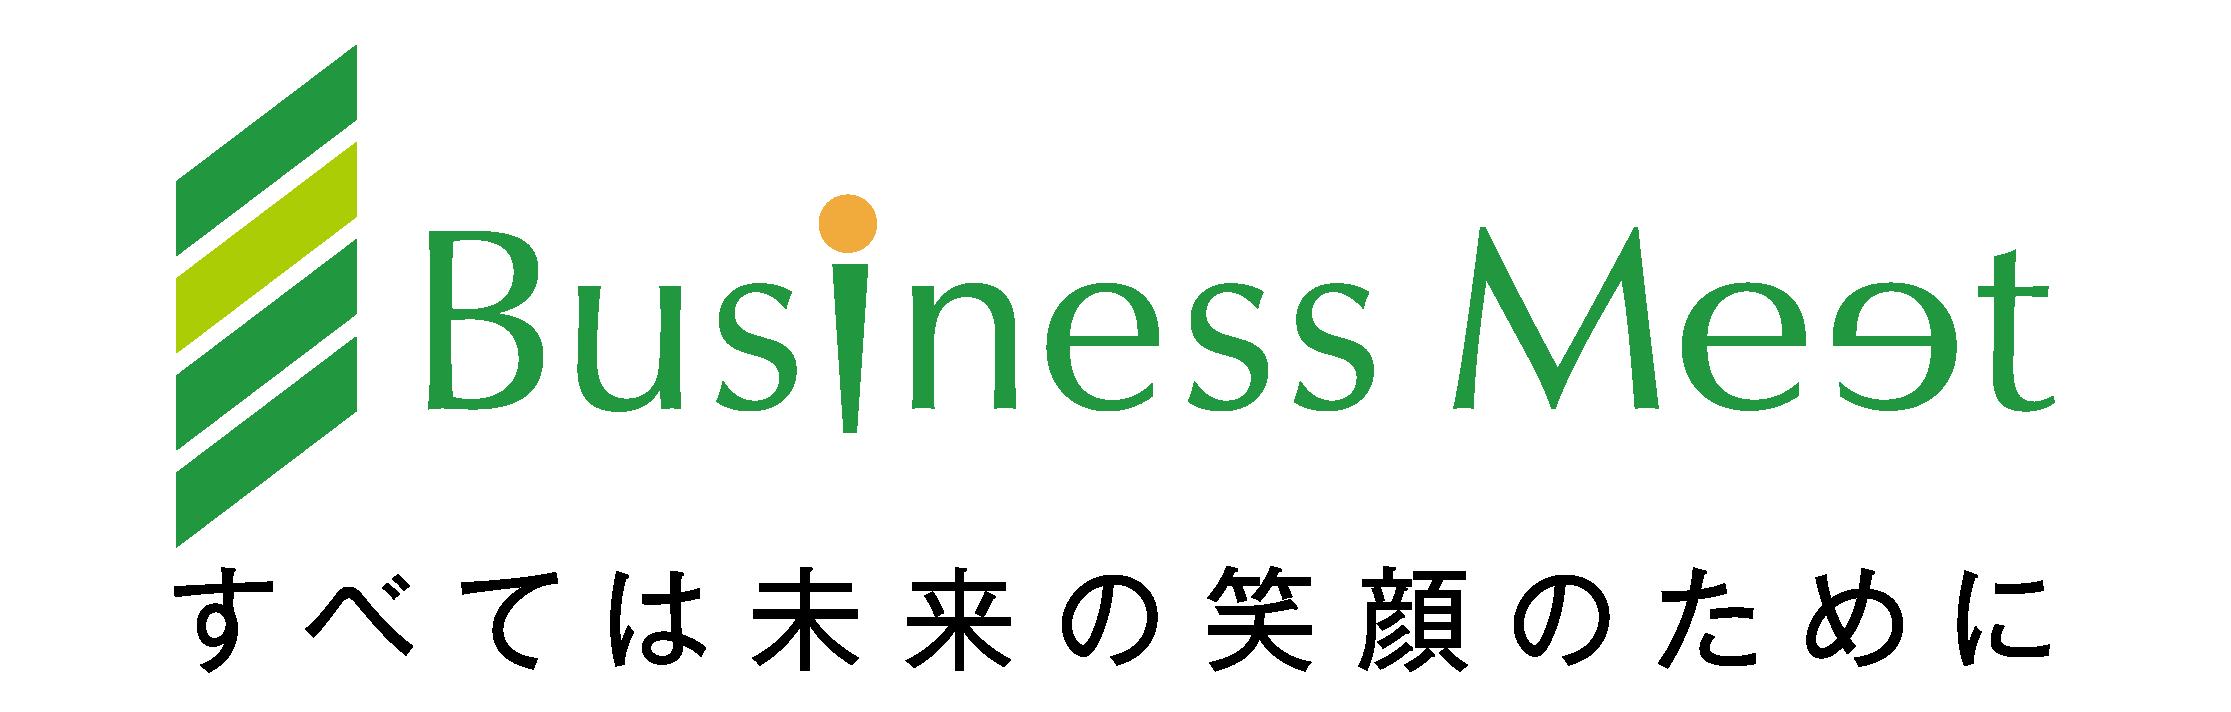 ビジネスミート